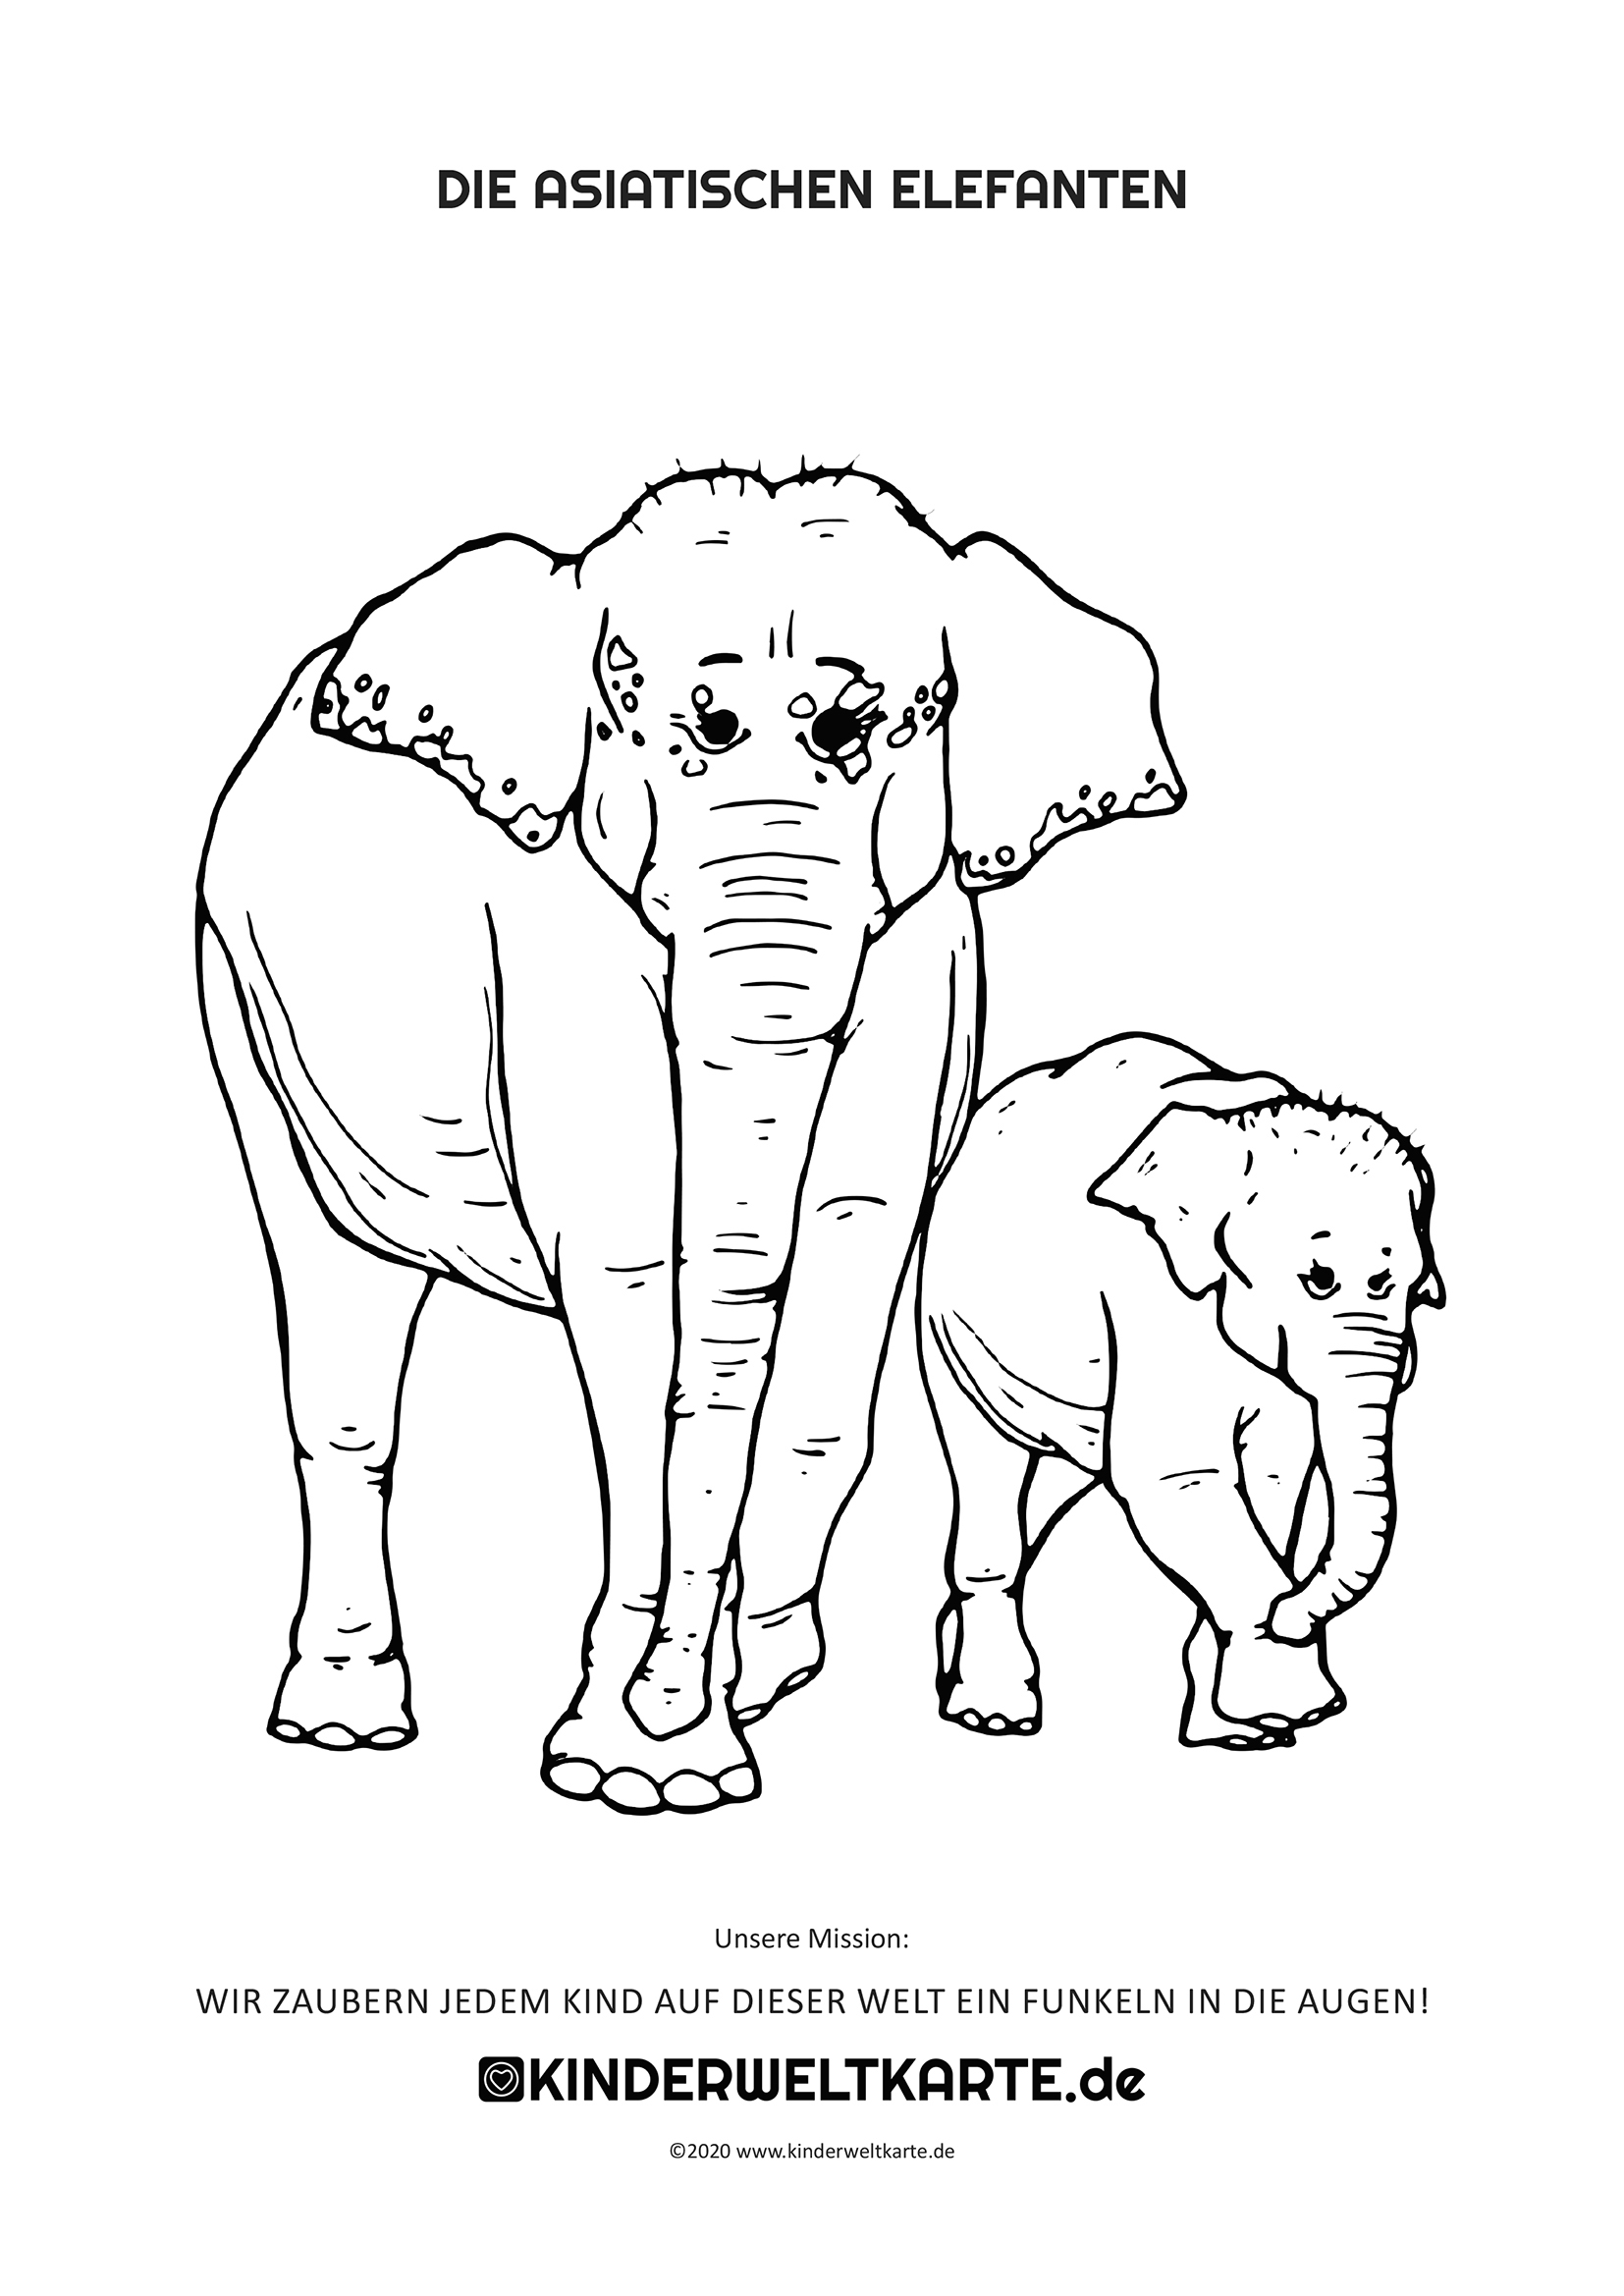 asiatischer elefant als kostenloses ausmalbild in din a4